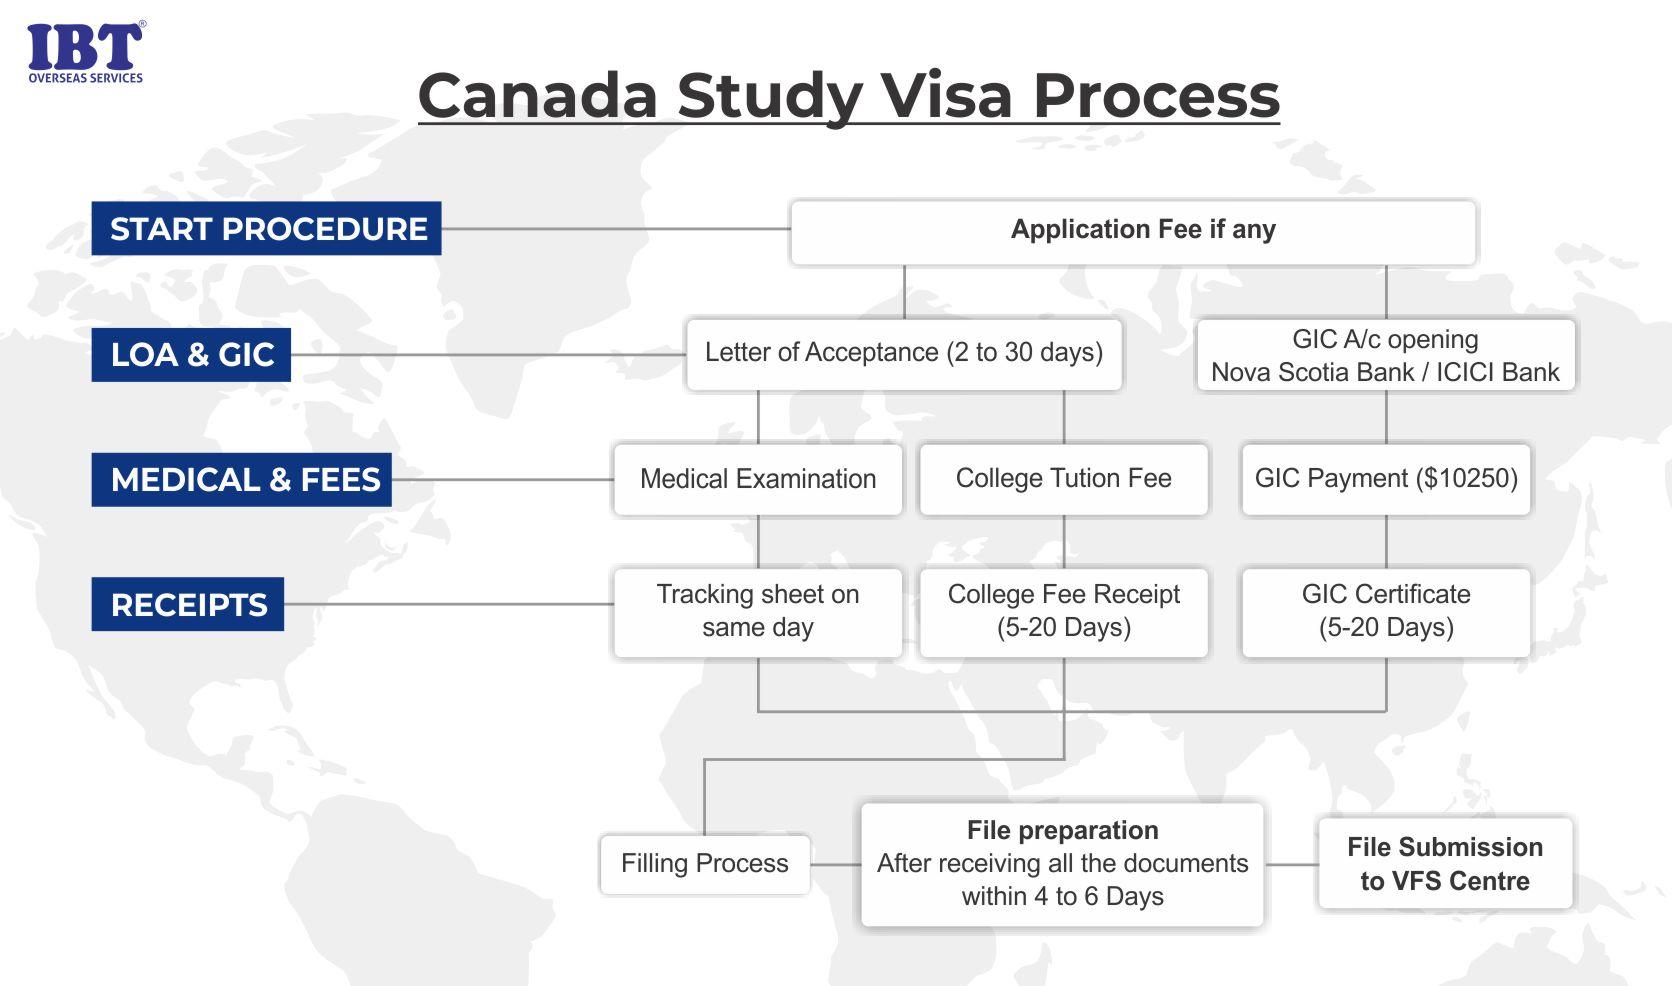 Canada Study Visa Process